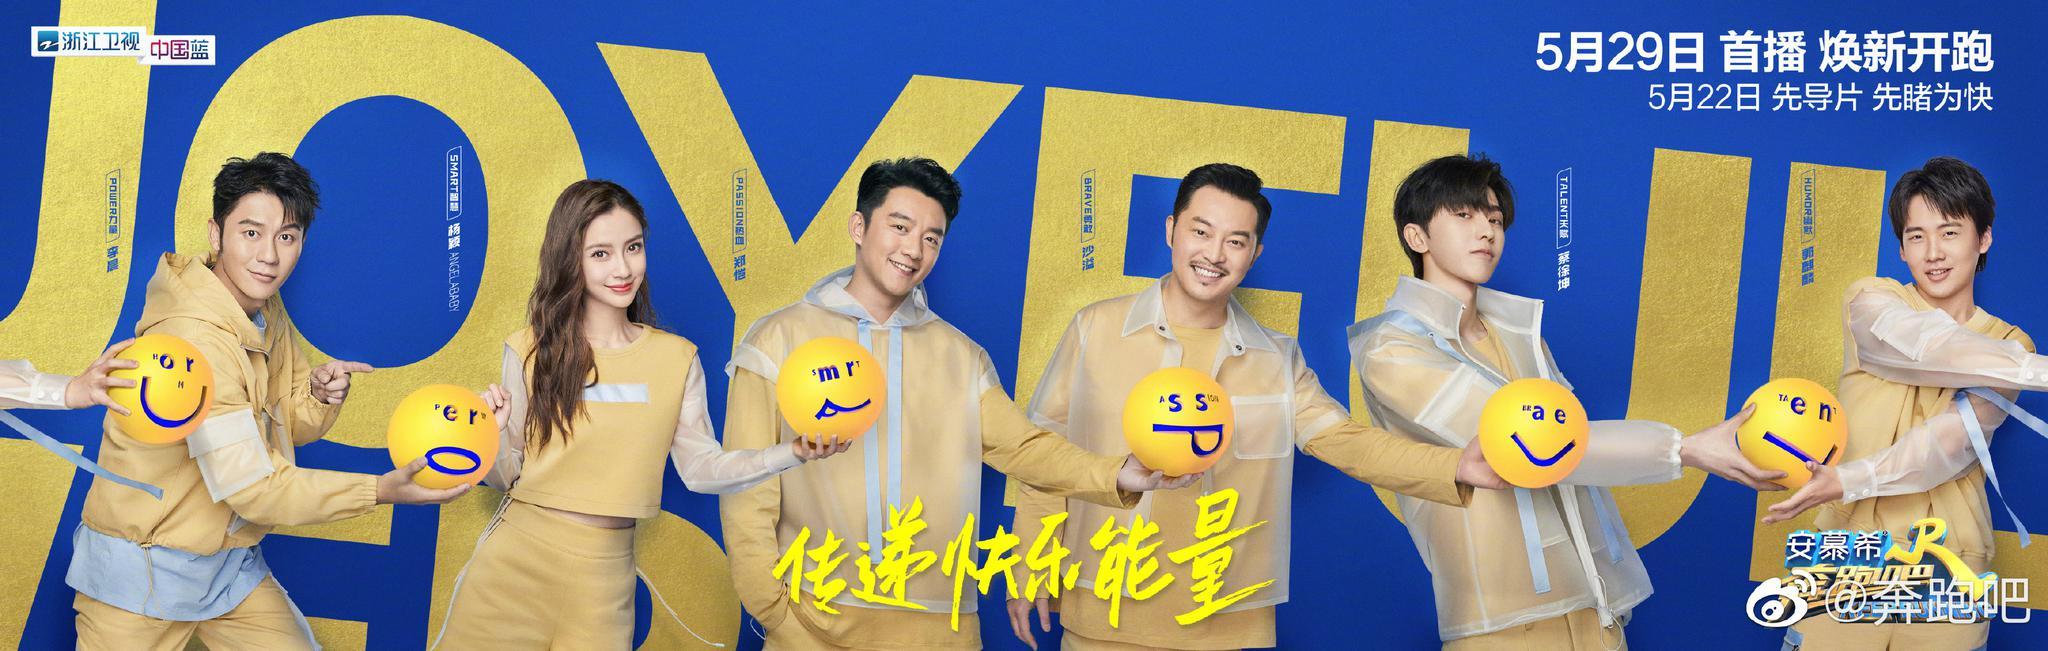 《奔跑吧4》定档5月29日,蔡徐坤李晨等亮相先导片图片